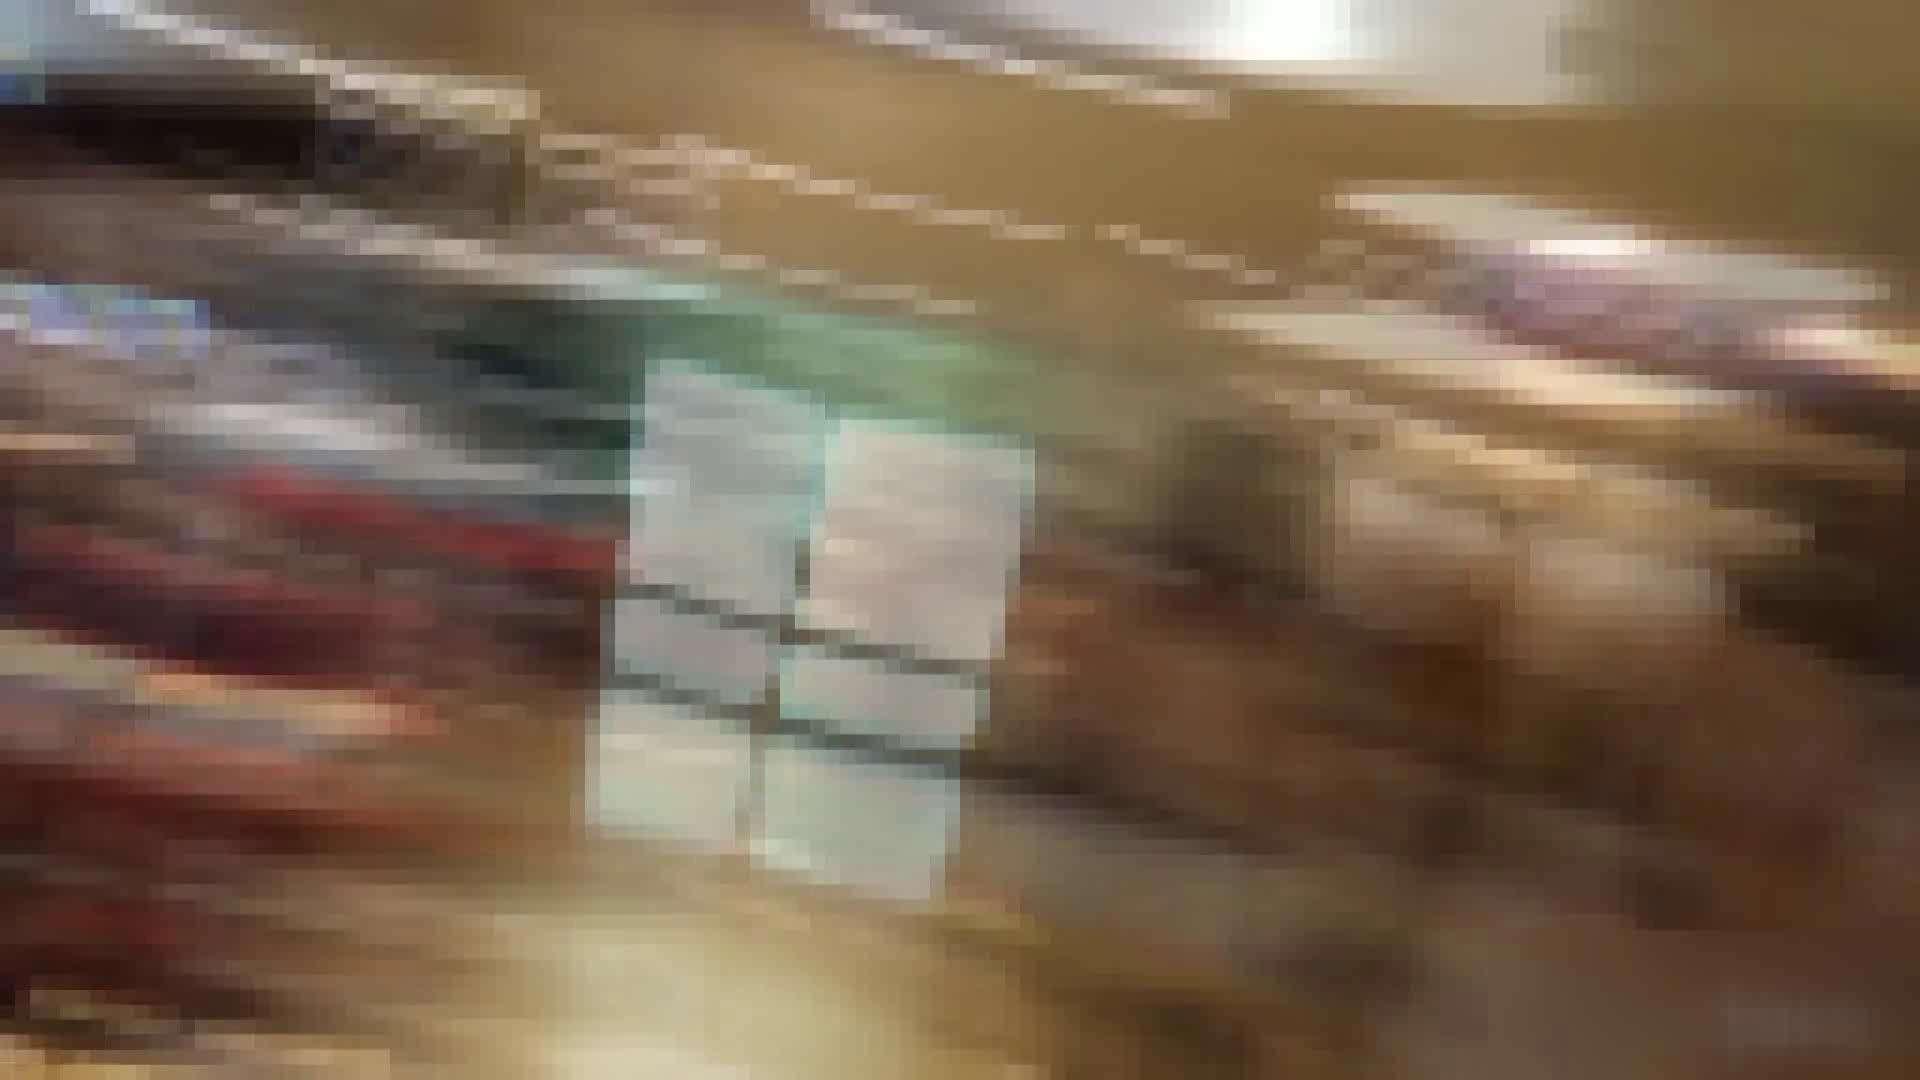 ガールズパンチラストリートビューVol.011 ギャルヌード オメコ動画キャプチャ 109画像 98